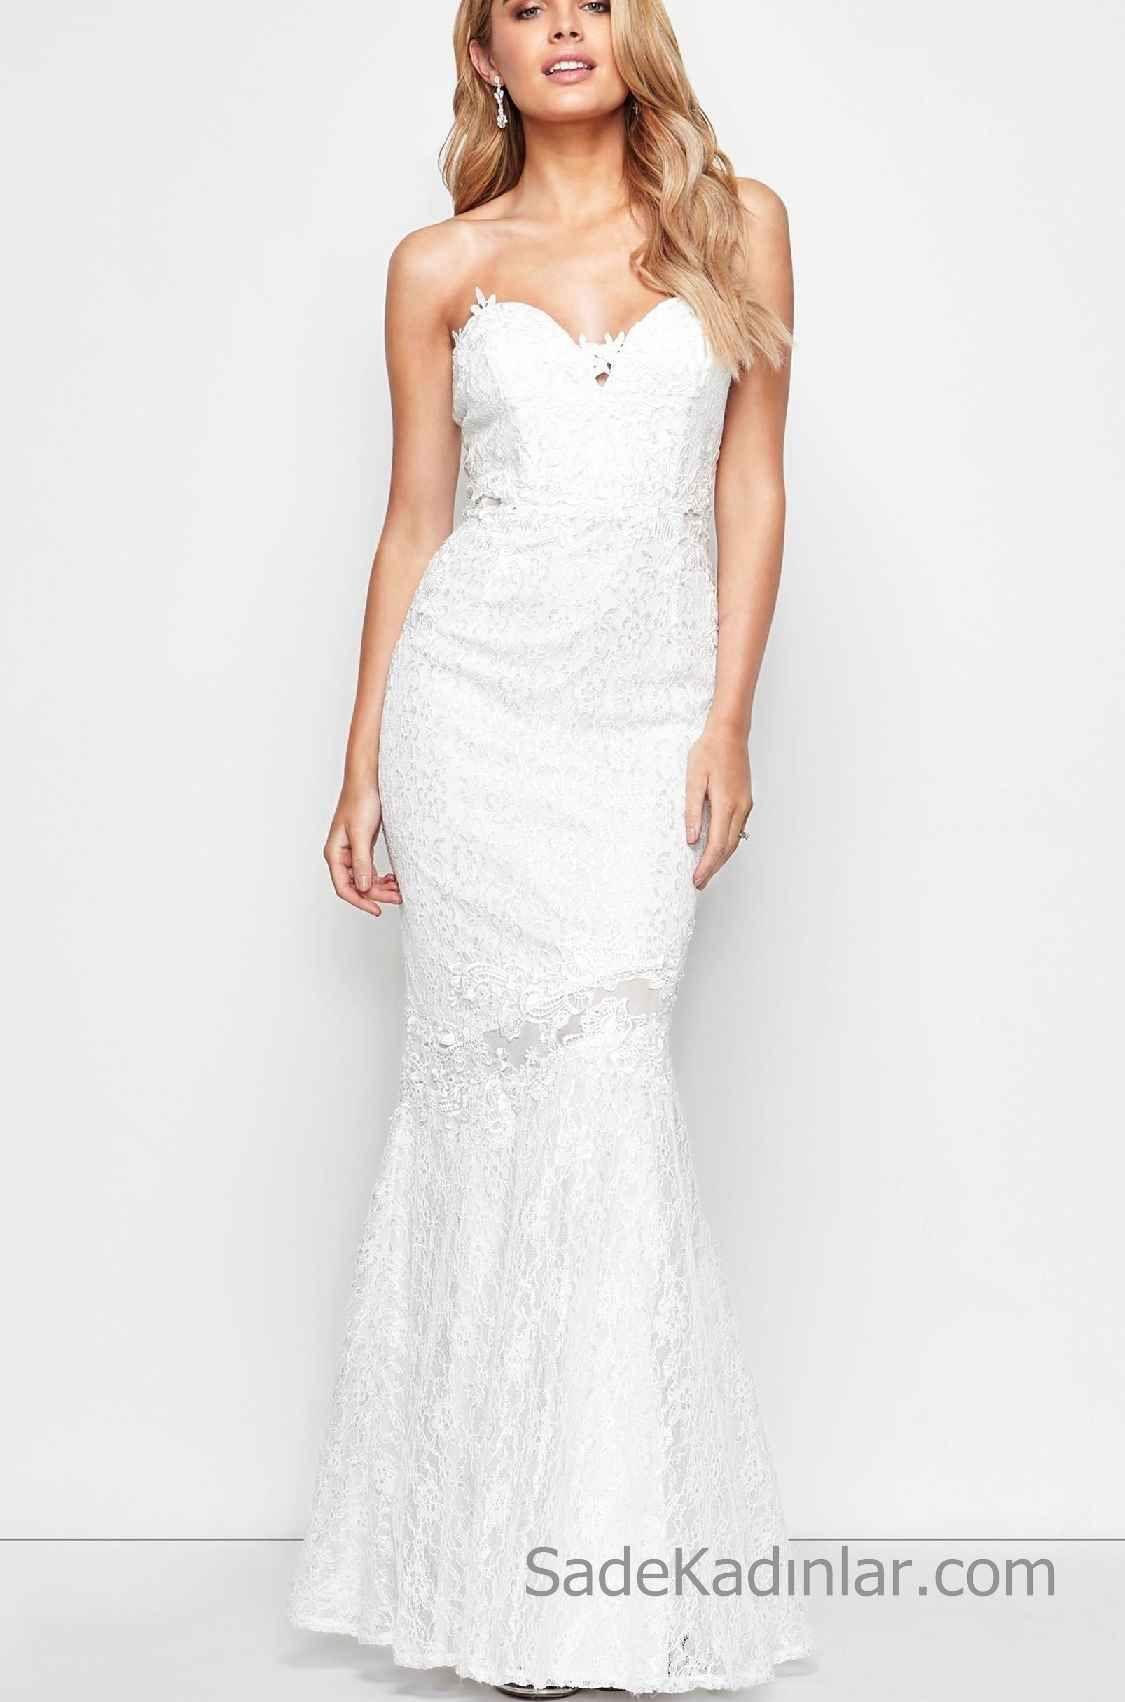 7b8495f5d3a37 2018 Beyaz Elbise Modelleri Uzun Dantel ve Straplez Abiye in 2019 ...